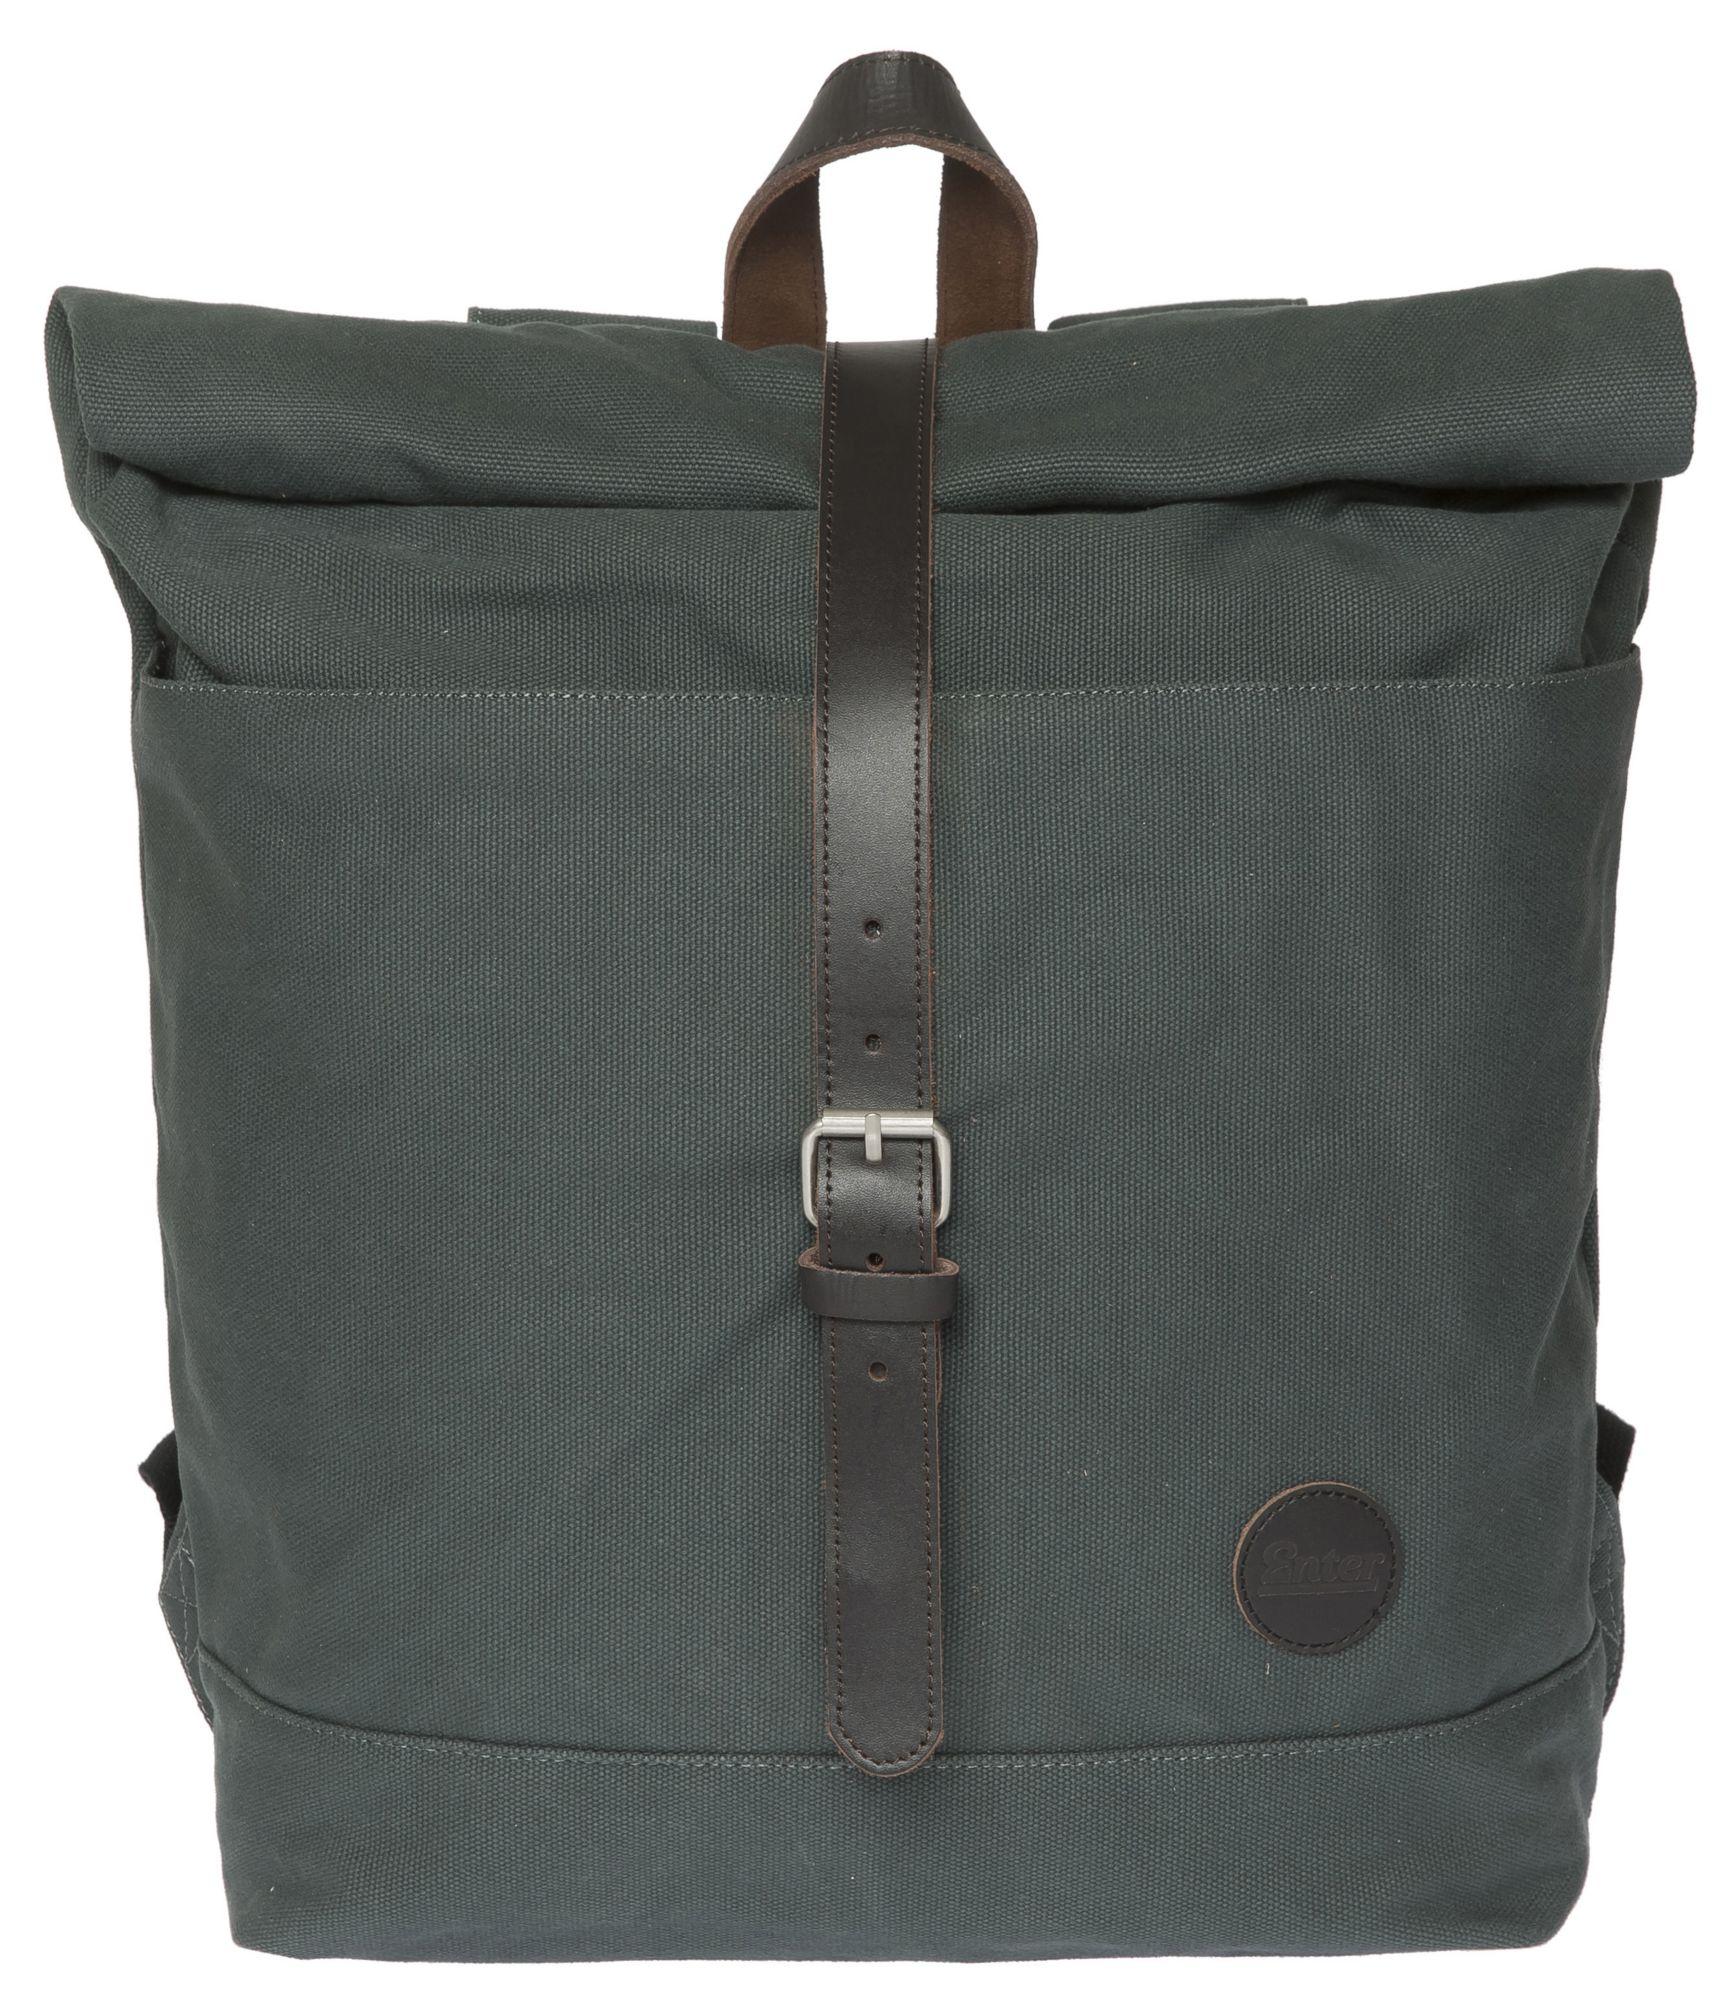 ENTER Enter Rucksack mit Aufroll-Verschluss, »Roll Top Backpack, Army Green/Dark Brown Leather«